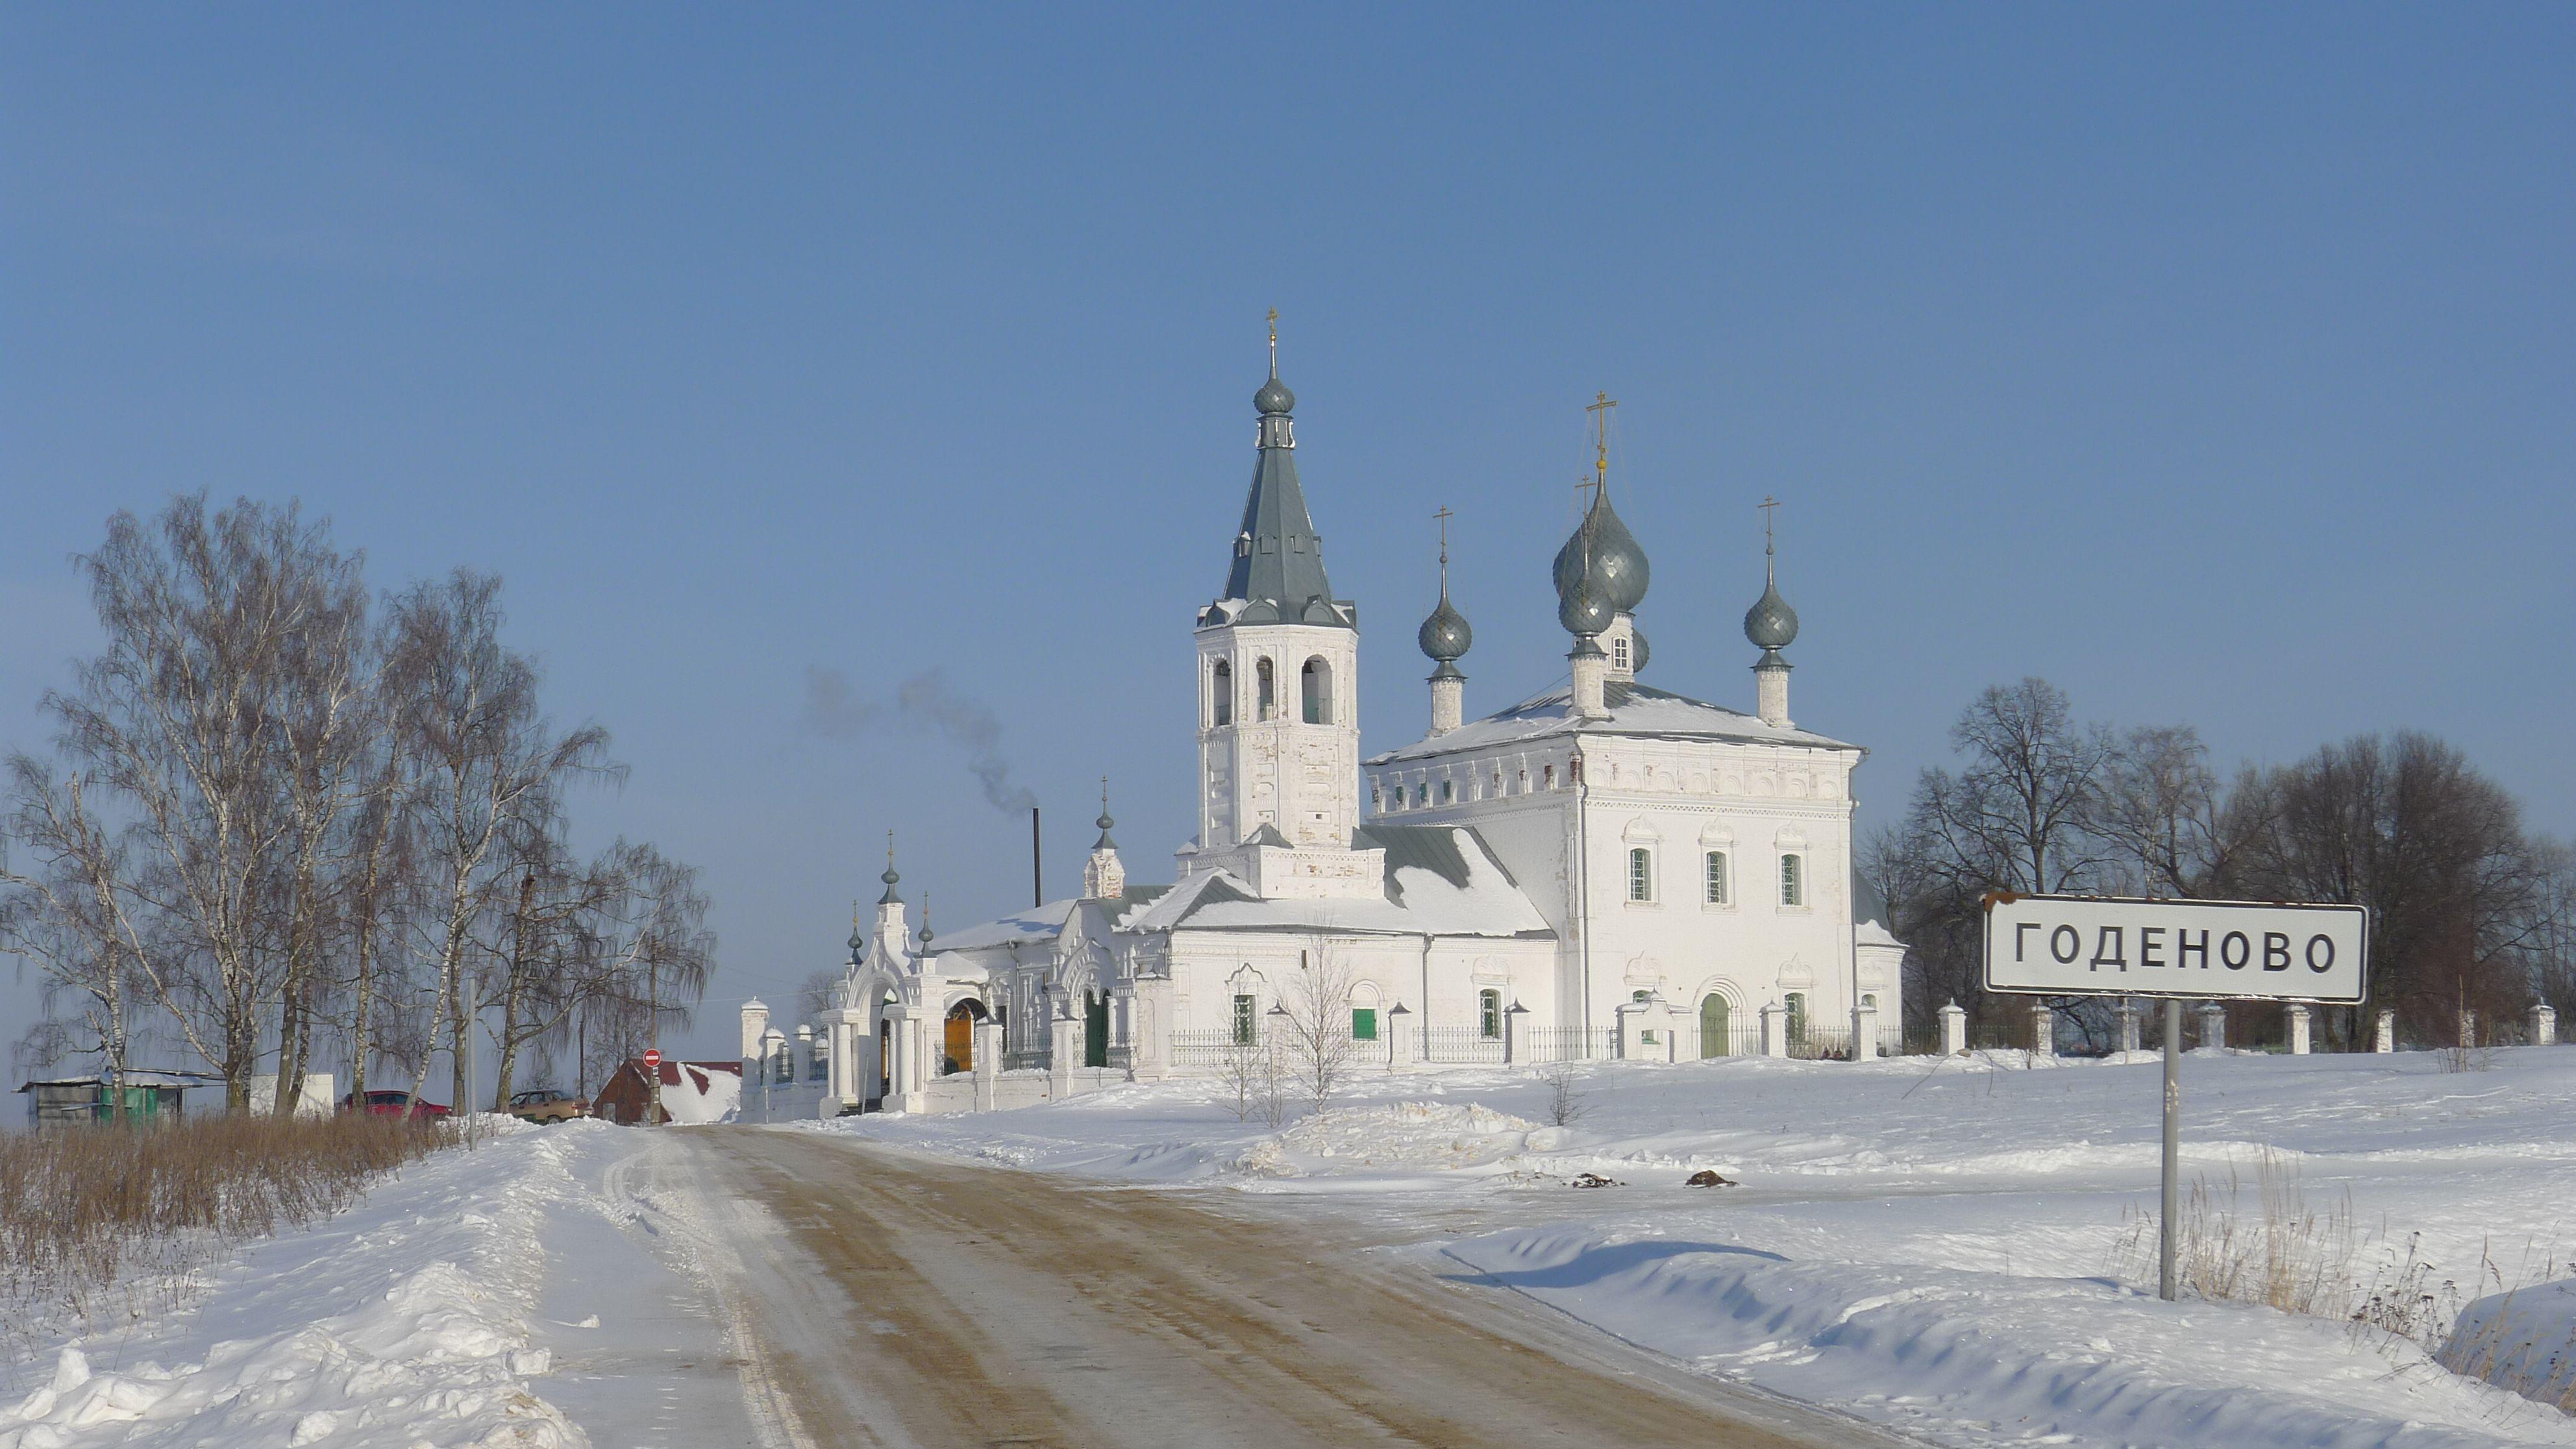 Годеново. Церковь Иоанна Златоуста